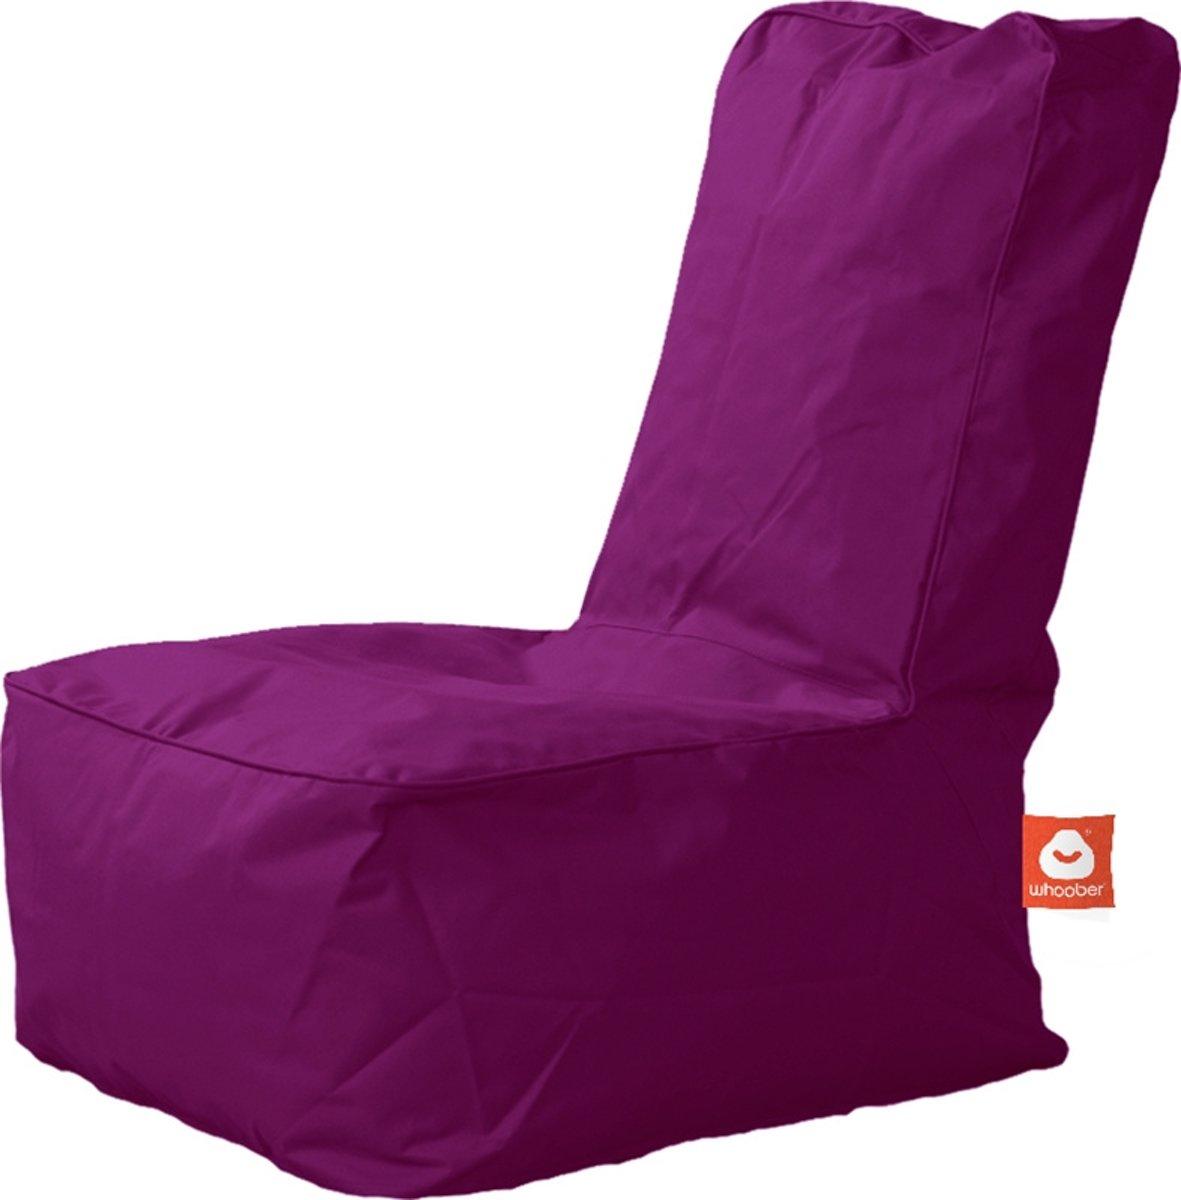 LC Zitzak, Model Fiji - Handig voor je kindje, amper 2 kg - Uniek - Wasbare Kwaliteit - Voor binnen en buiten - Polyester kinderstoeltje - Eigen fabrikaat - Paars - Purple - 70 x 50 cm kopen